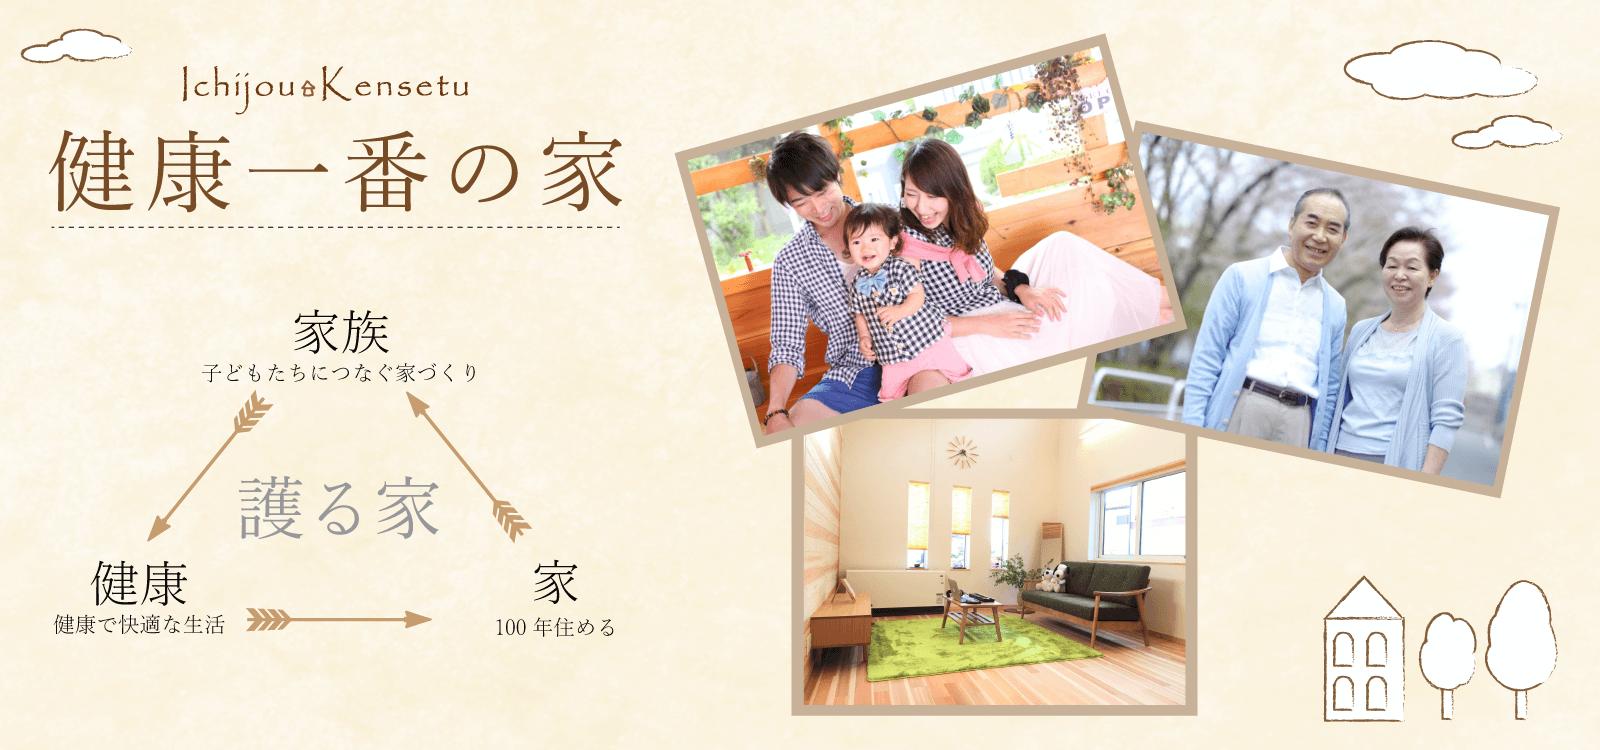 山口県の健康住宅・注文住宅の新築【家族を護る家づくり】|(有)一乗建設